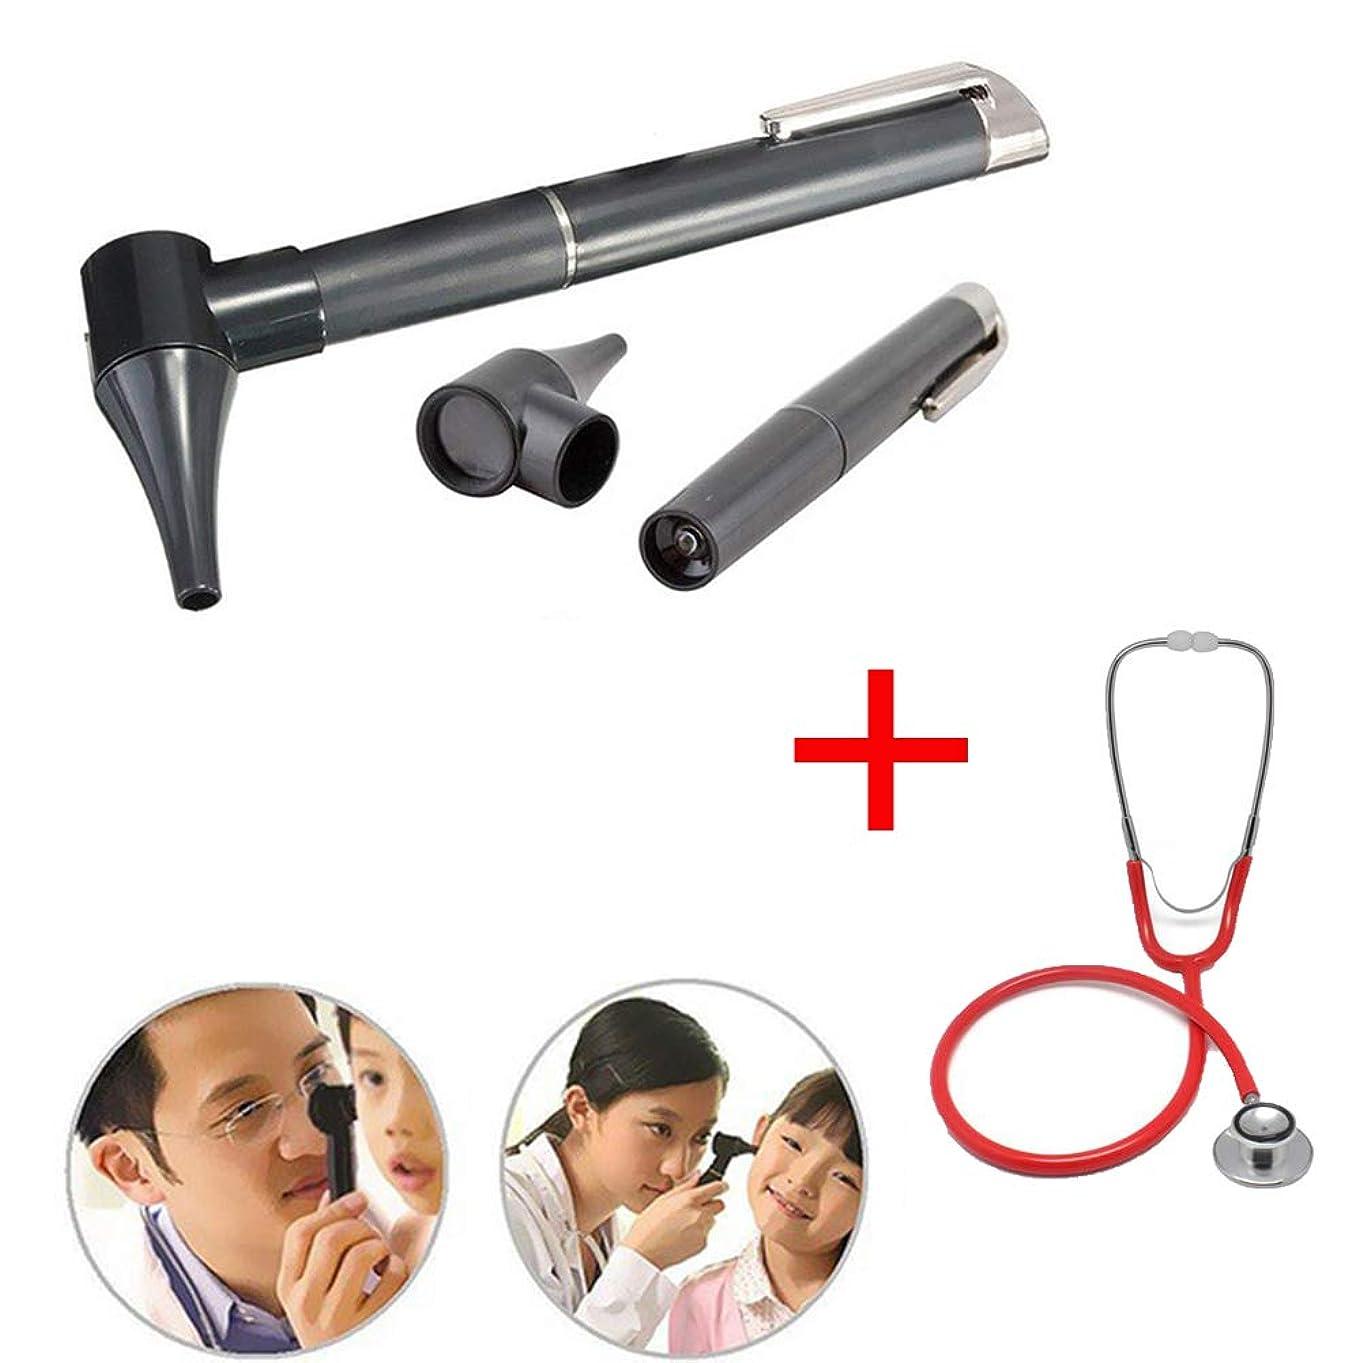 ノイズにもかかわらずねばねばLEDライト診断ペン付きミニオルトスコーププロフェッショナル人間と獣医の耳鼻咽喉科医療用品